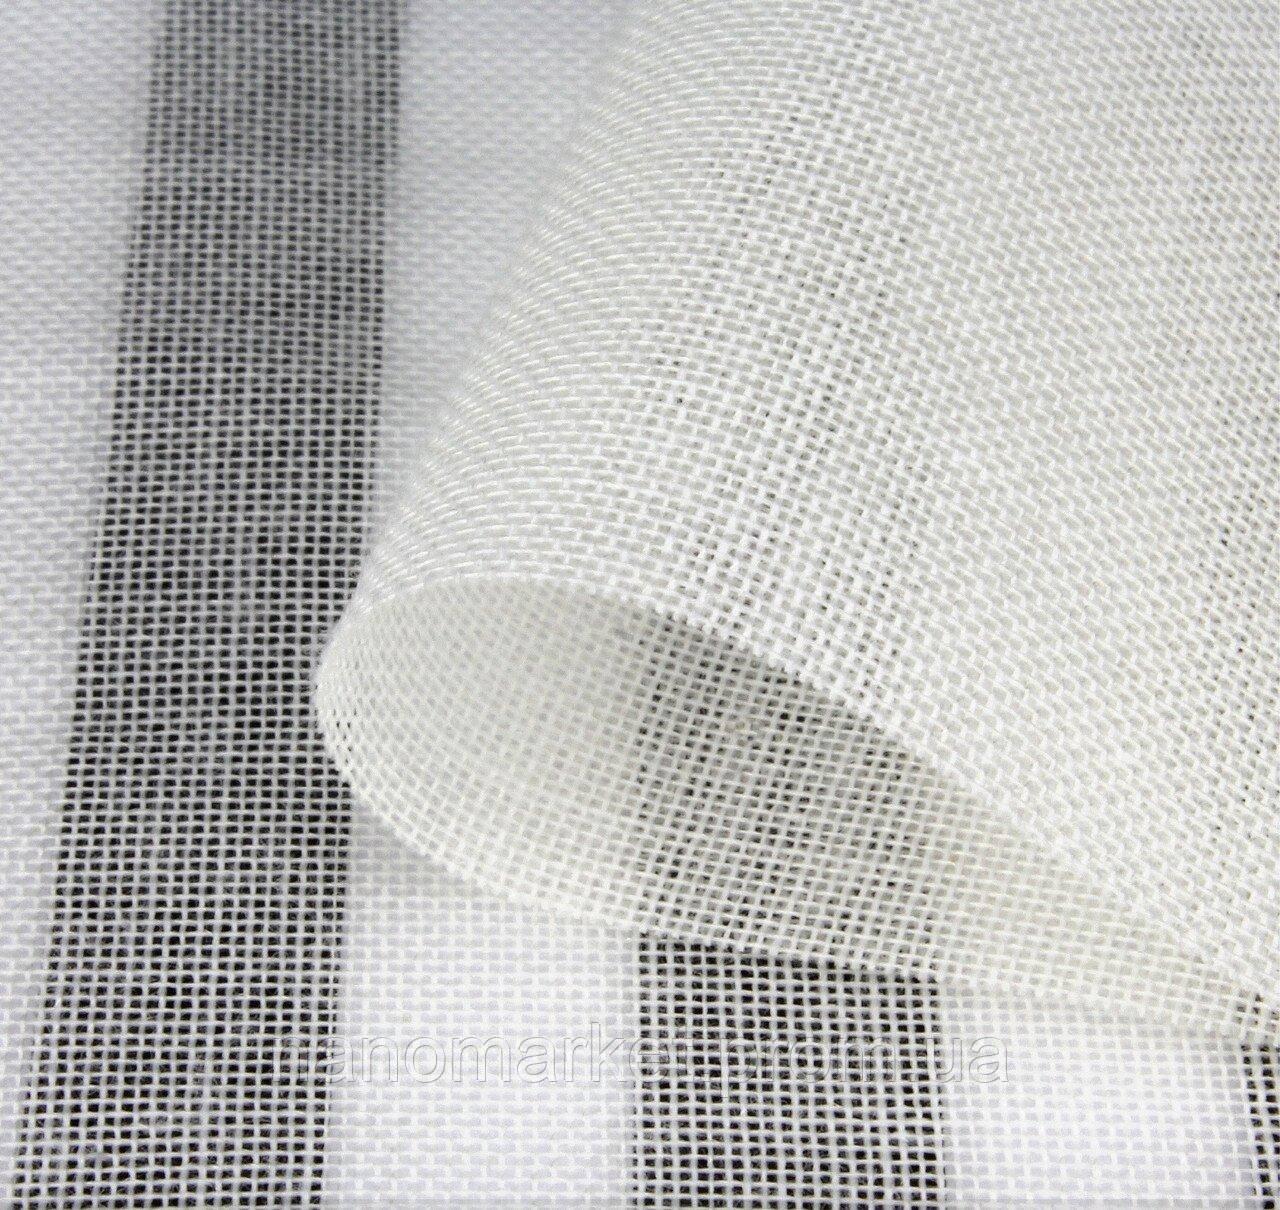 Екрануюча тканина Naturell | ВЧ | 38 dB | Розміри 2.5х1 м